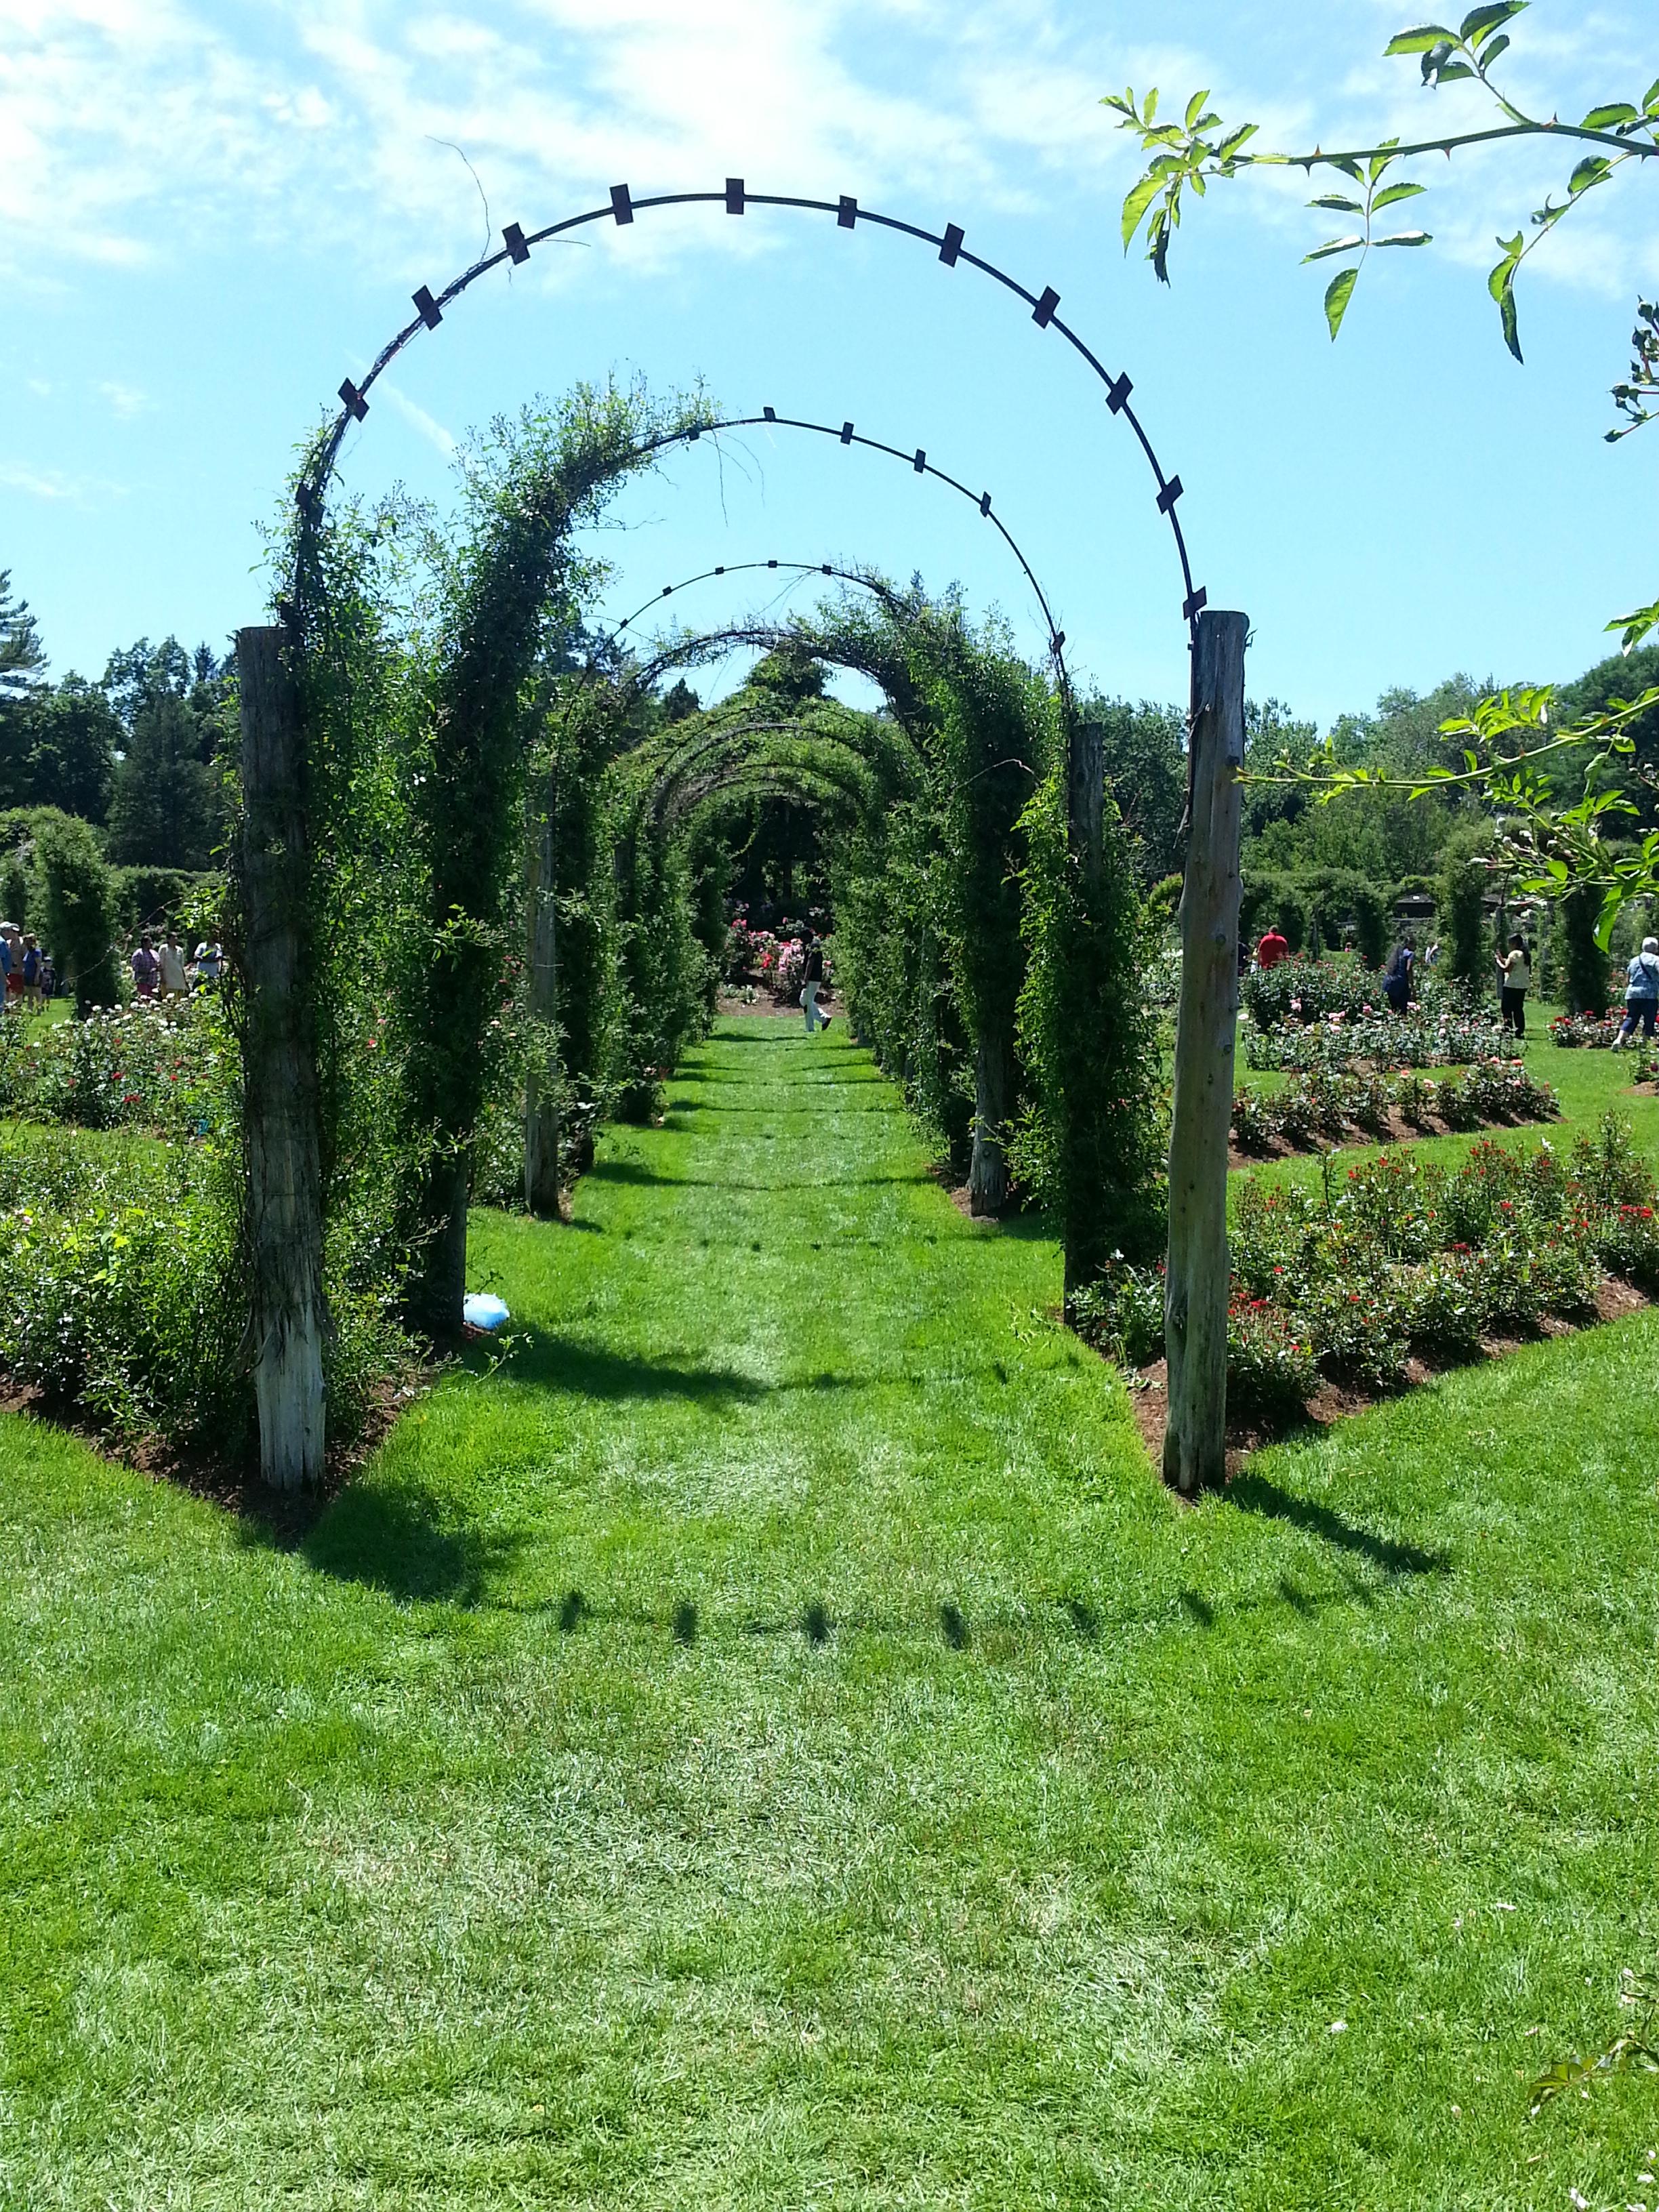 Arbor Path